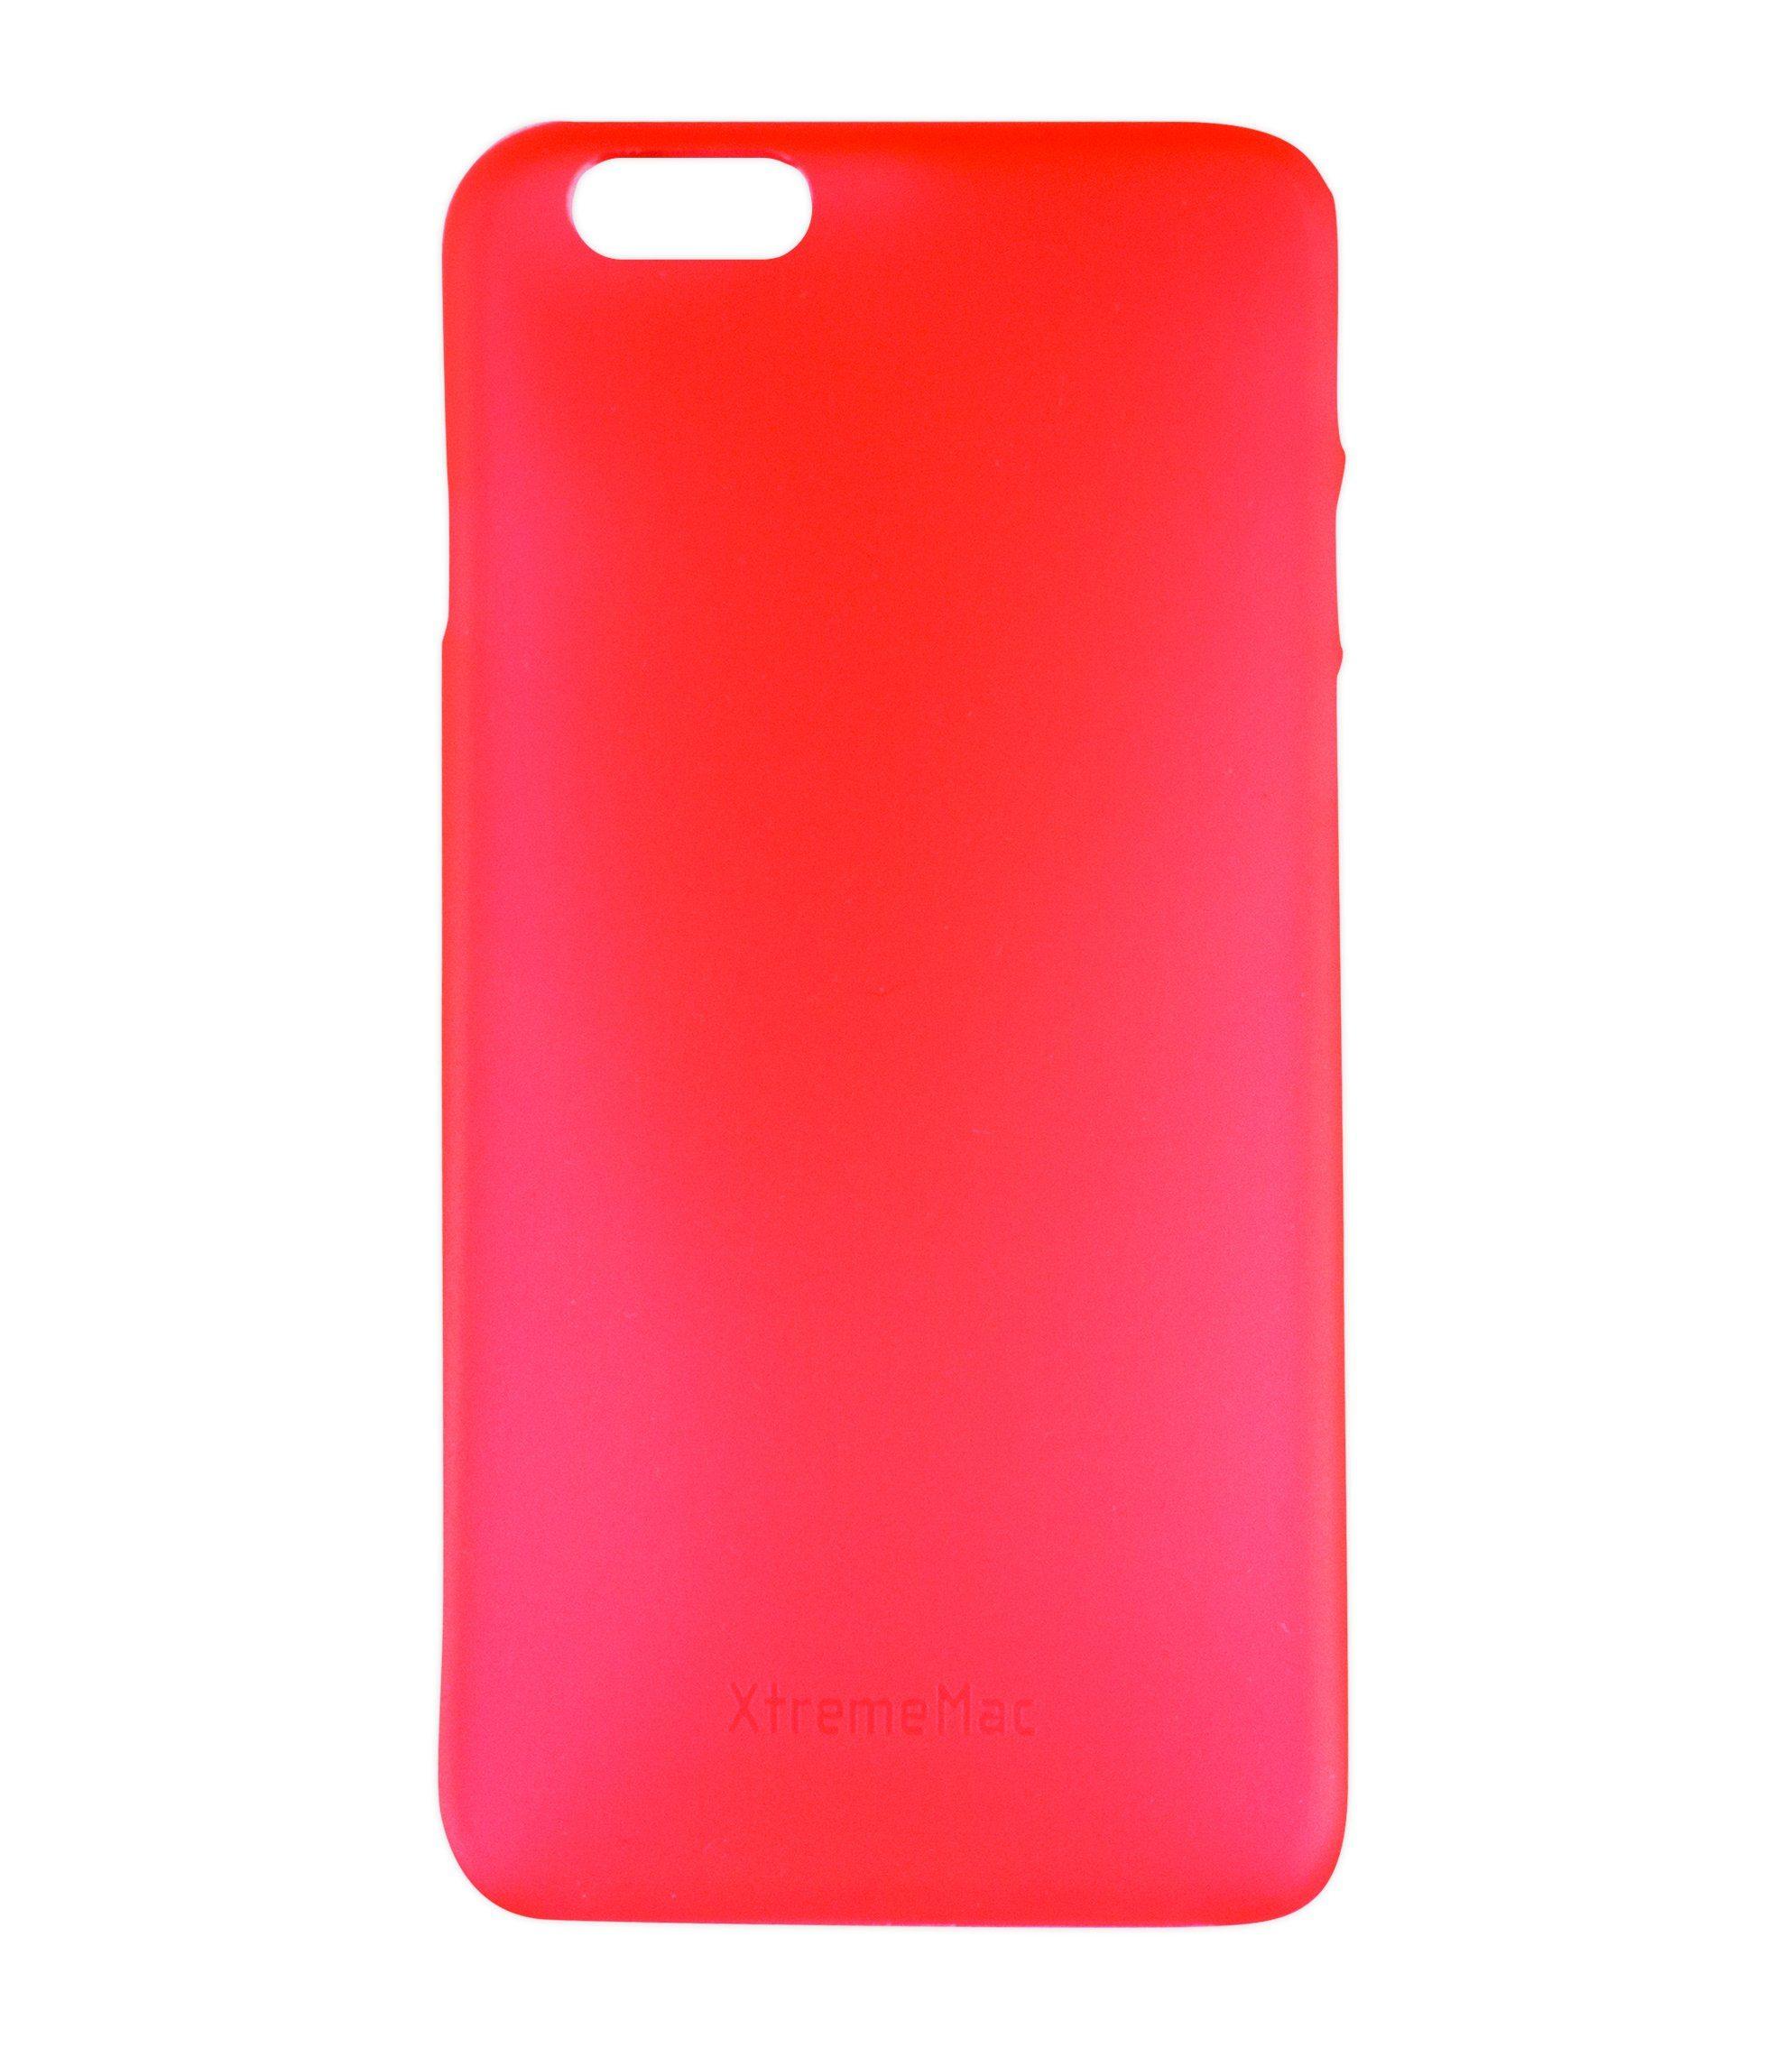 XtremeMac Schutzhülle für iPhone 6/6S »Microshield«